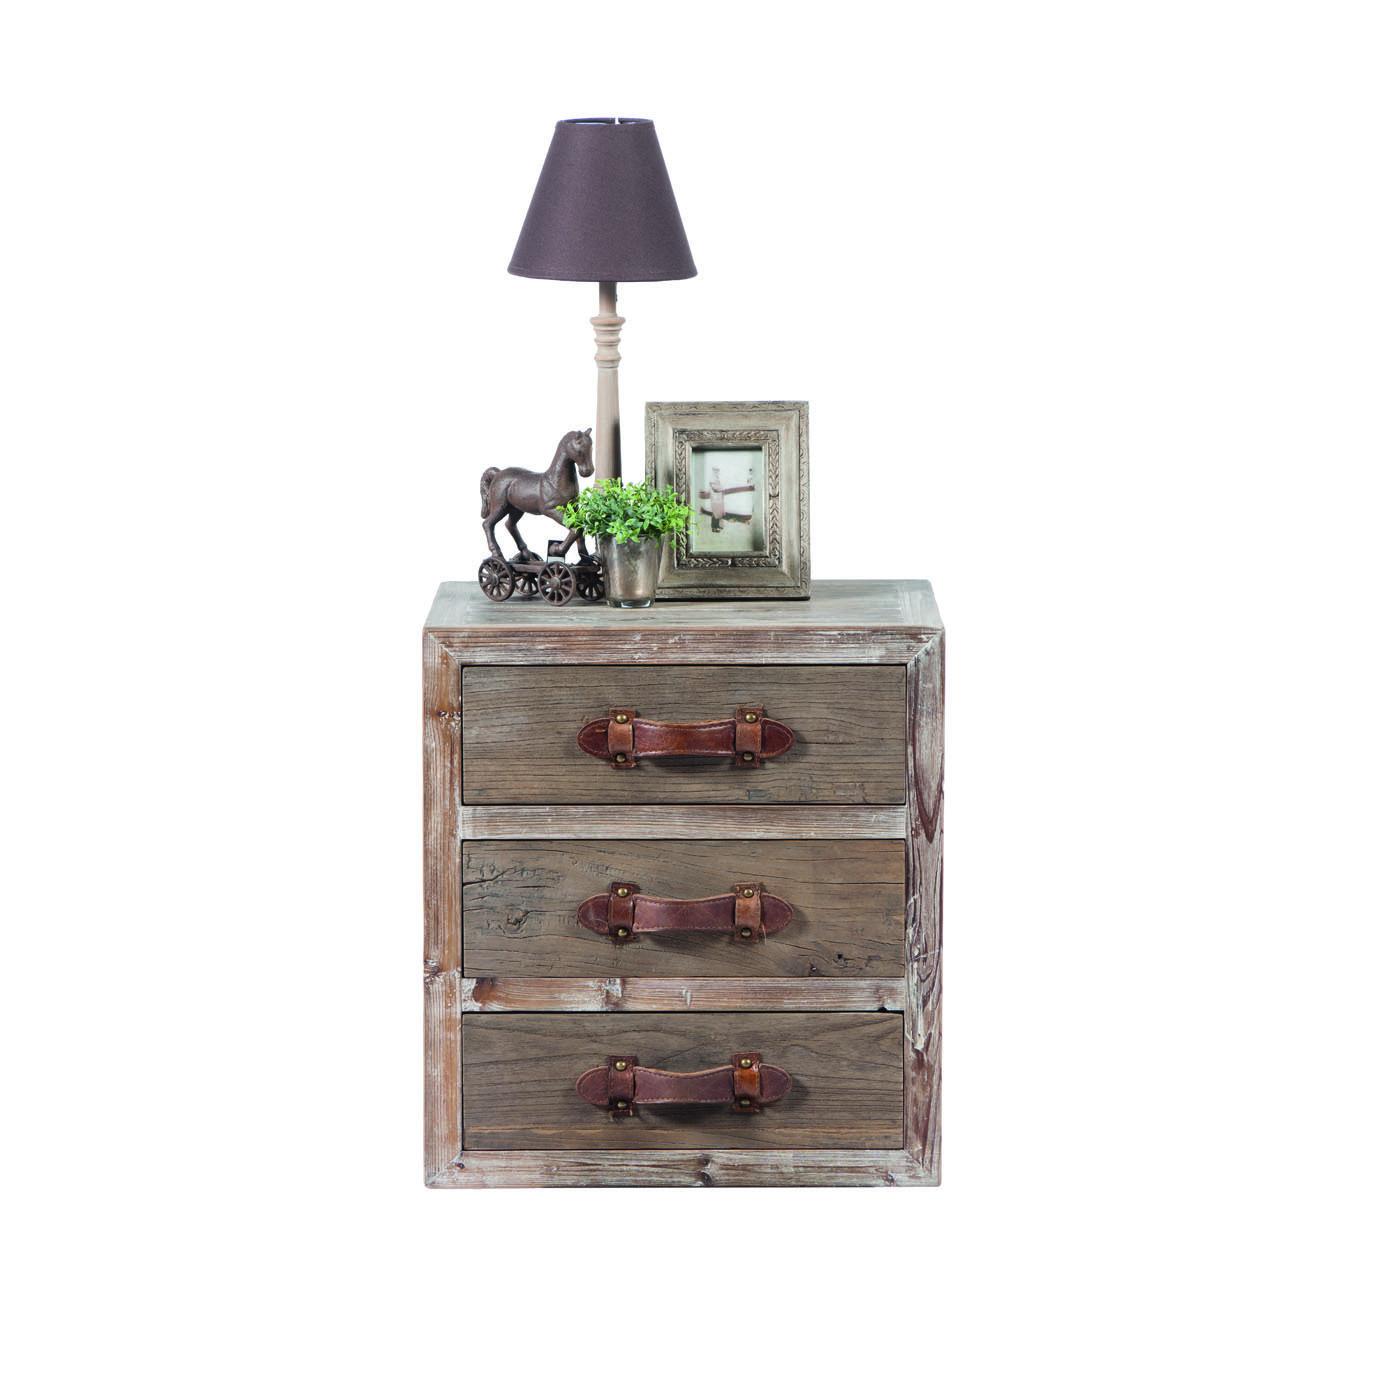 Aristo cabinet small - AR051